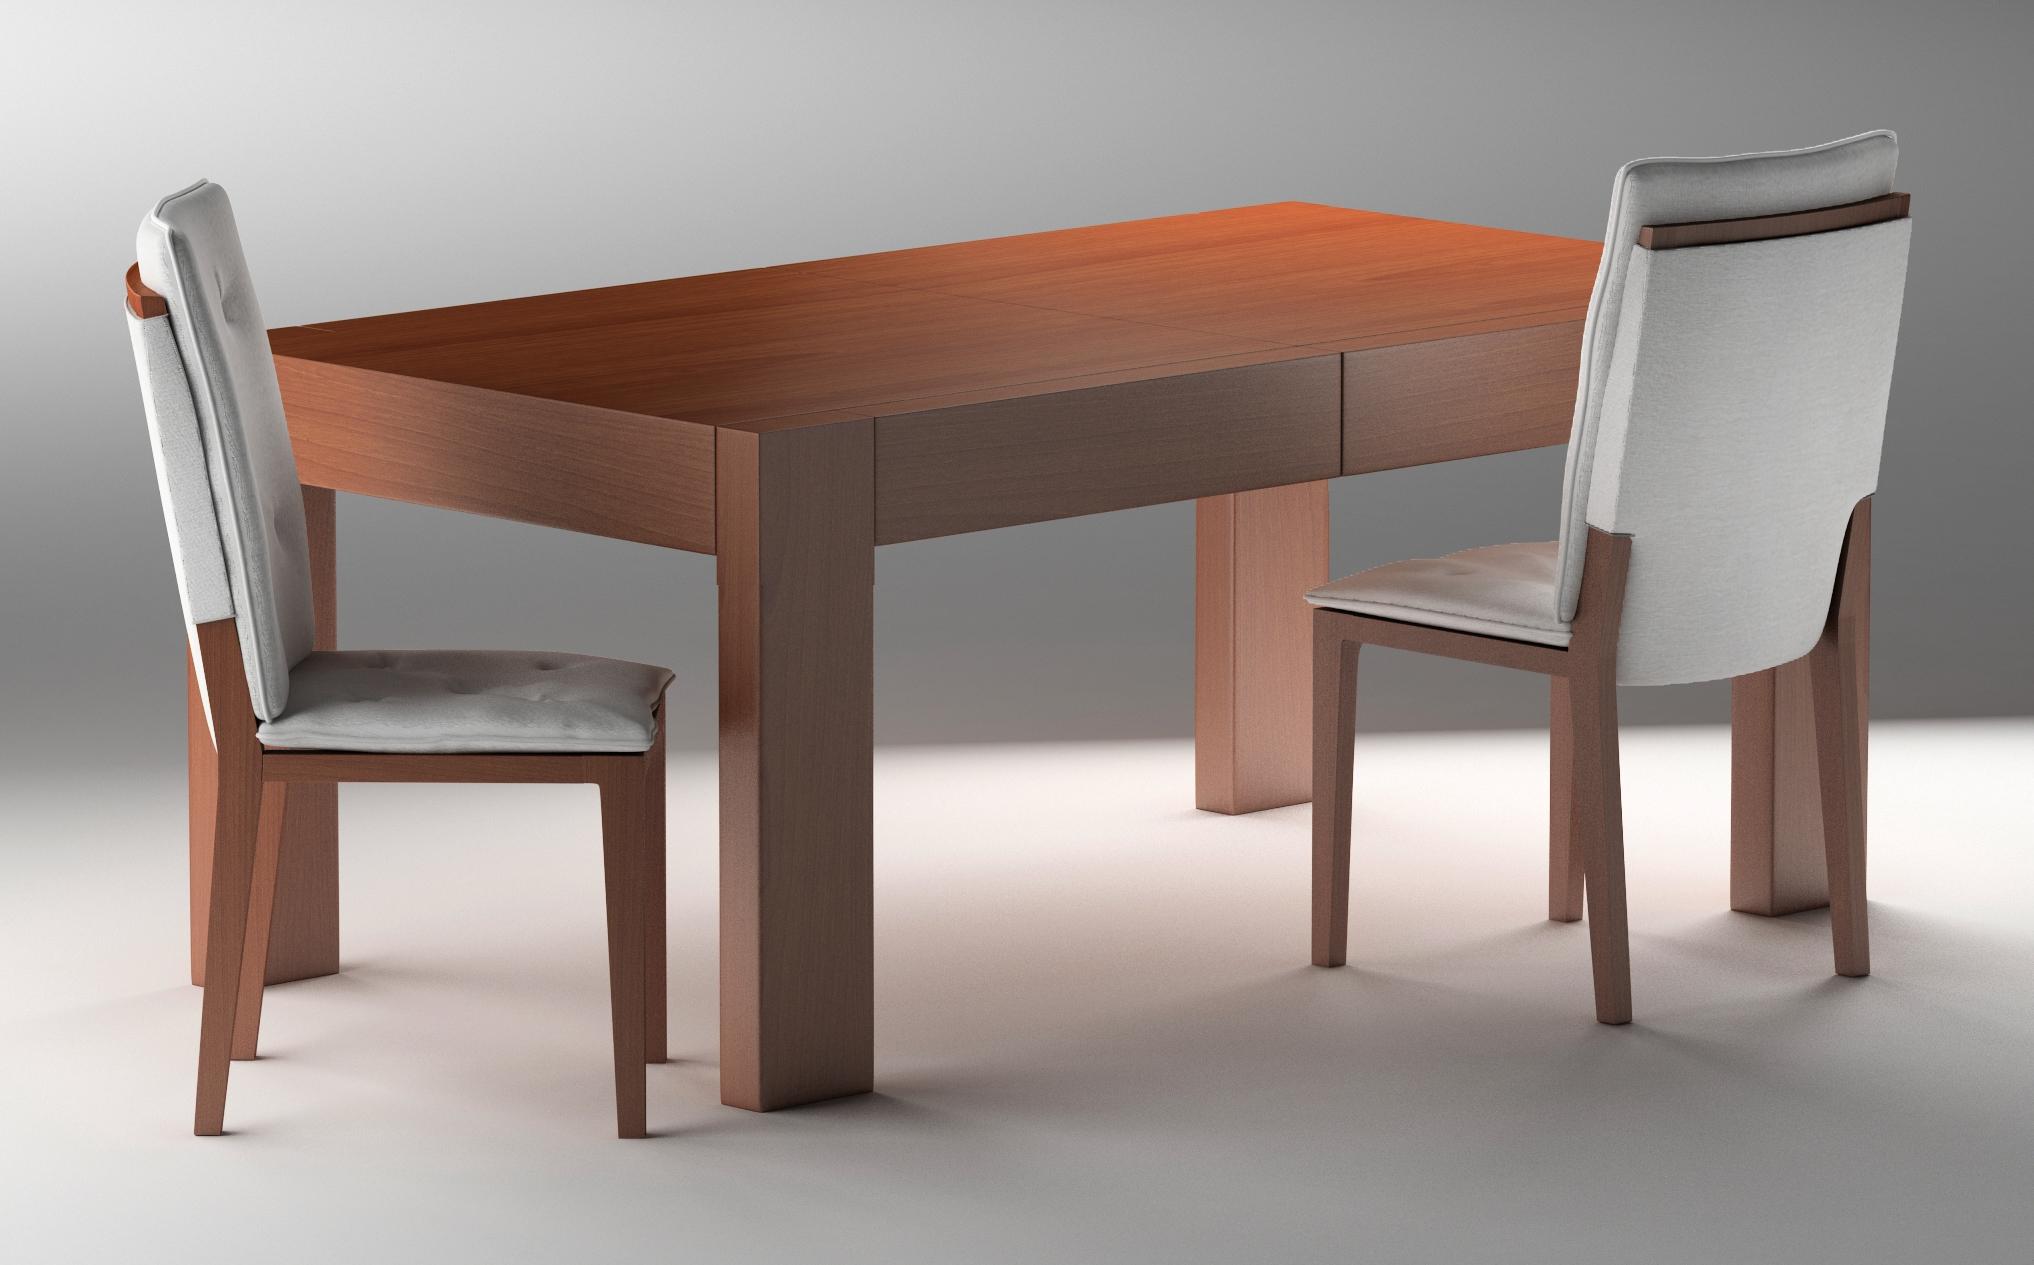 Stół CENTRAL i krzesło CENTRAL netl